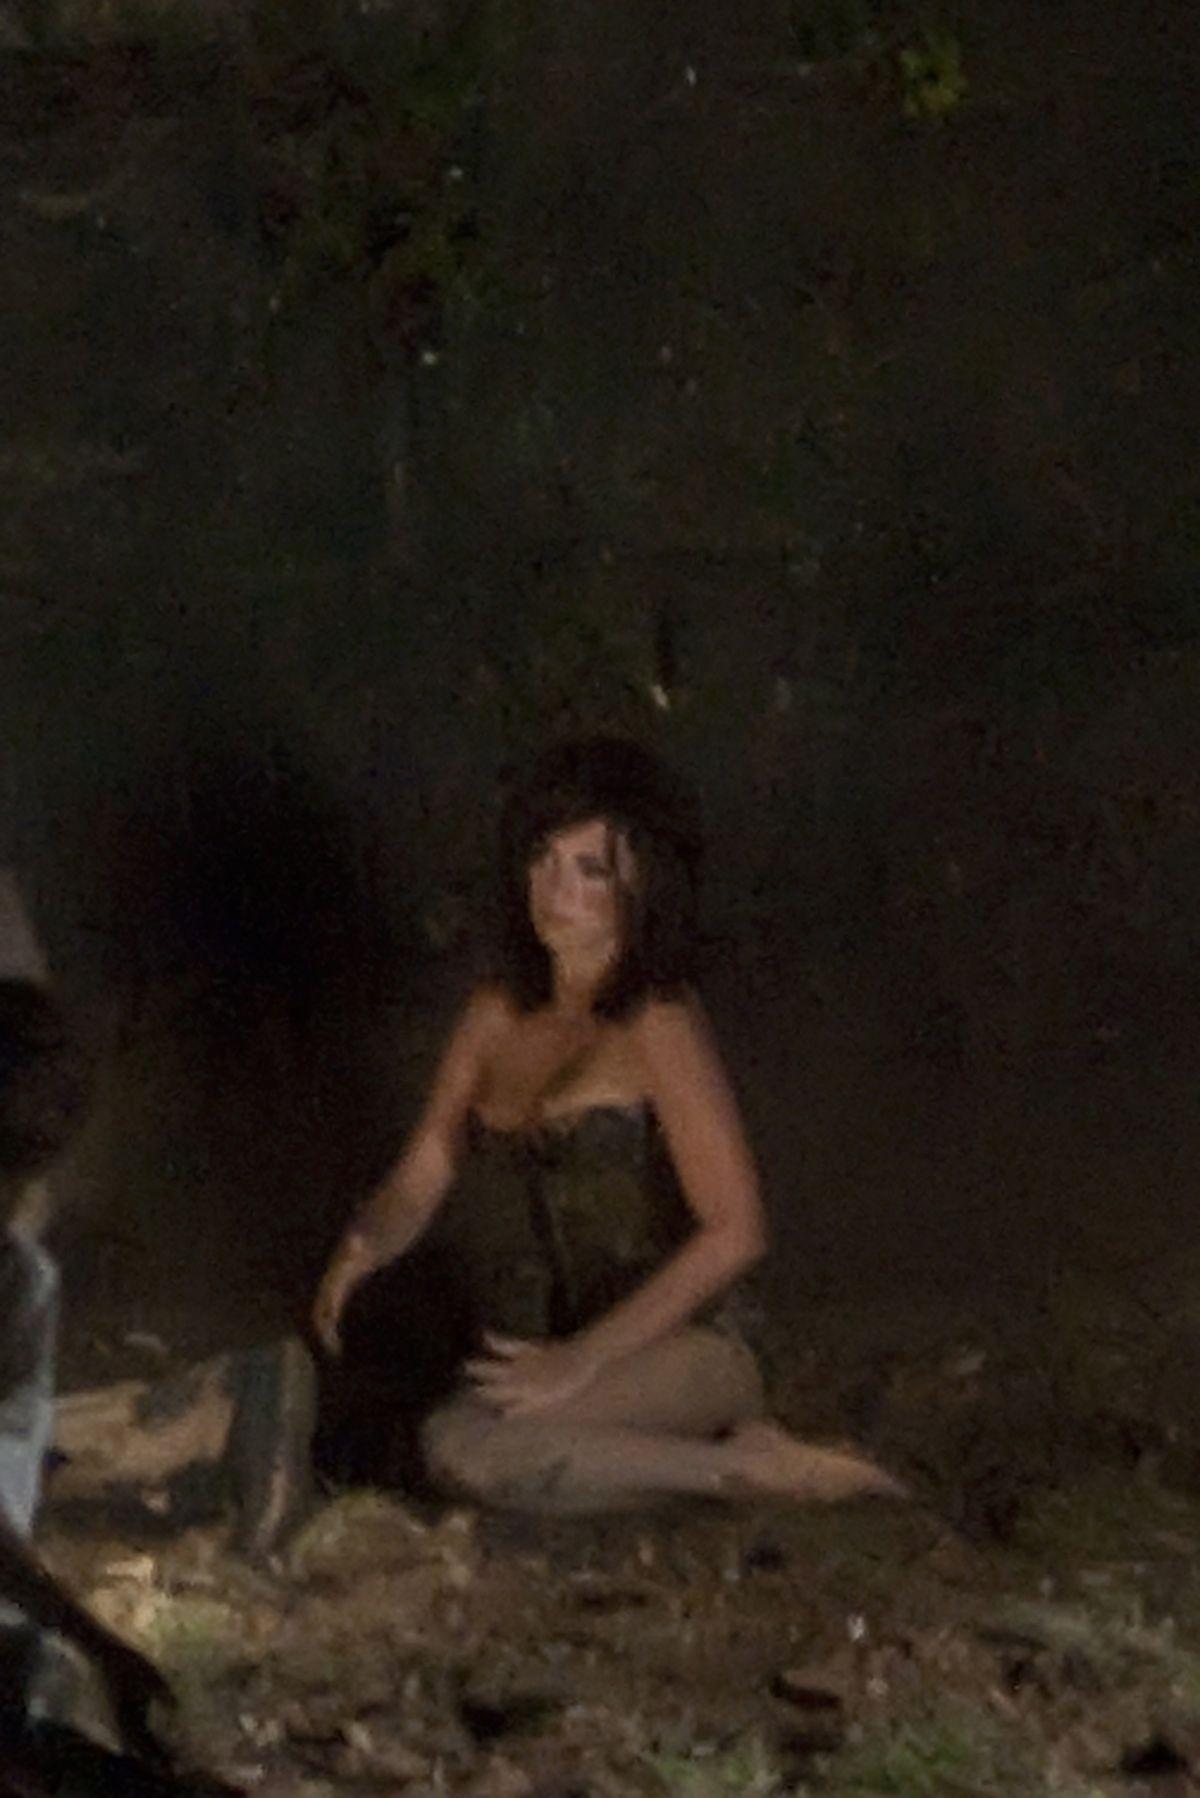 Penelope Cruz In Mud On The Set Of Zoolander 2 In Rome 06